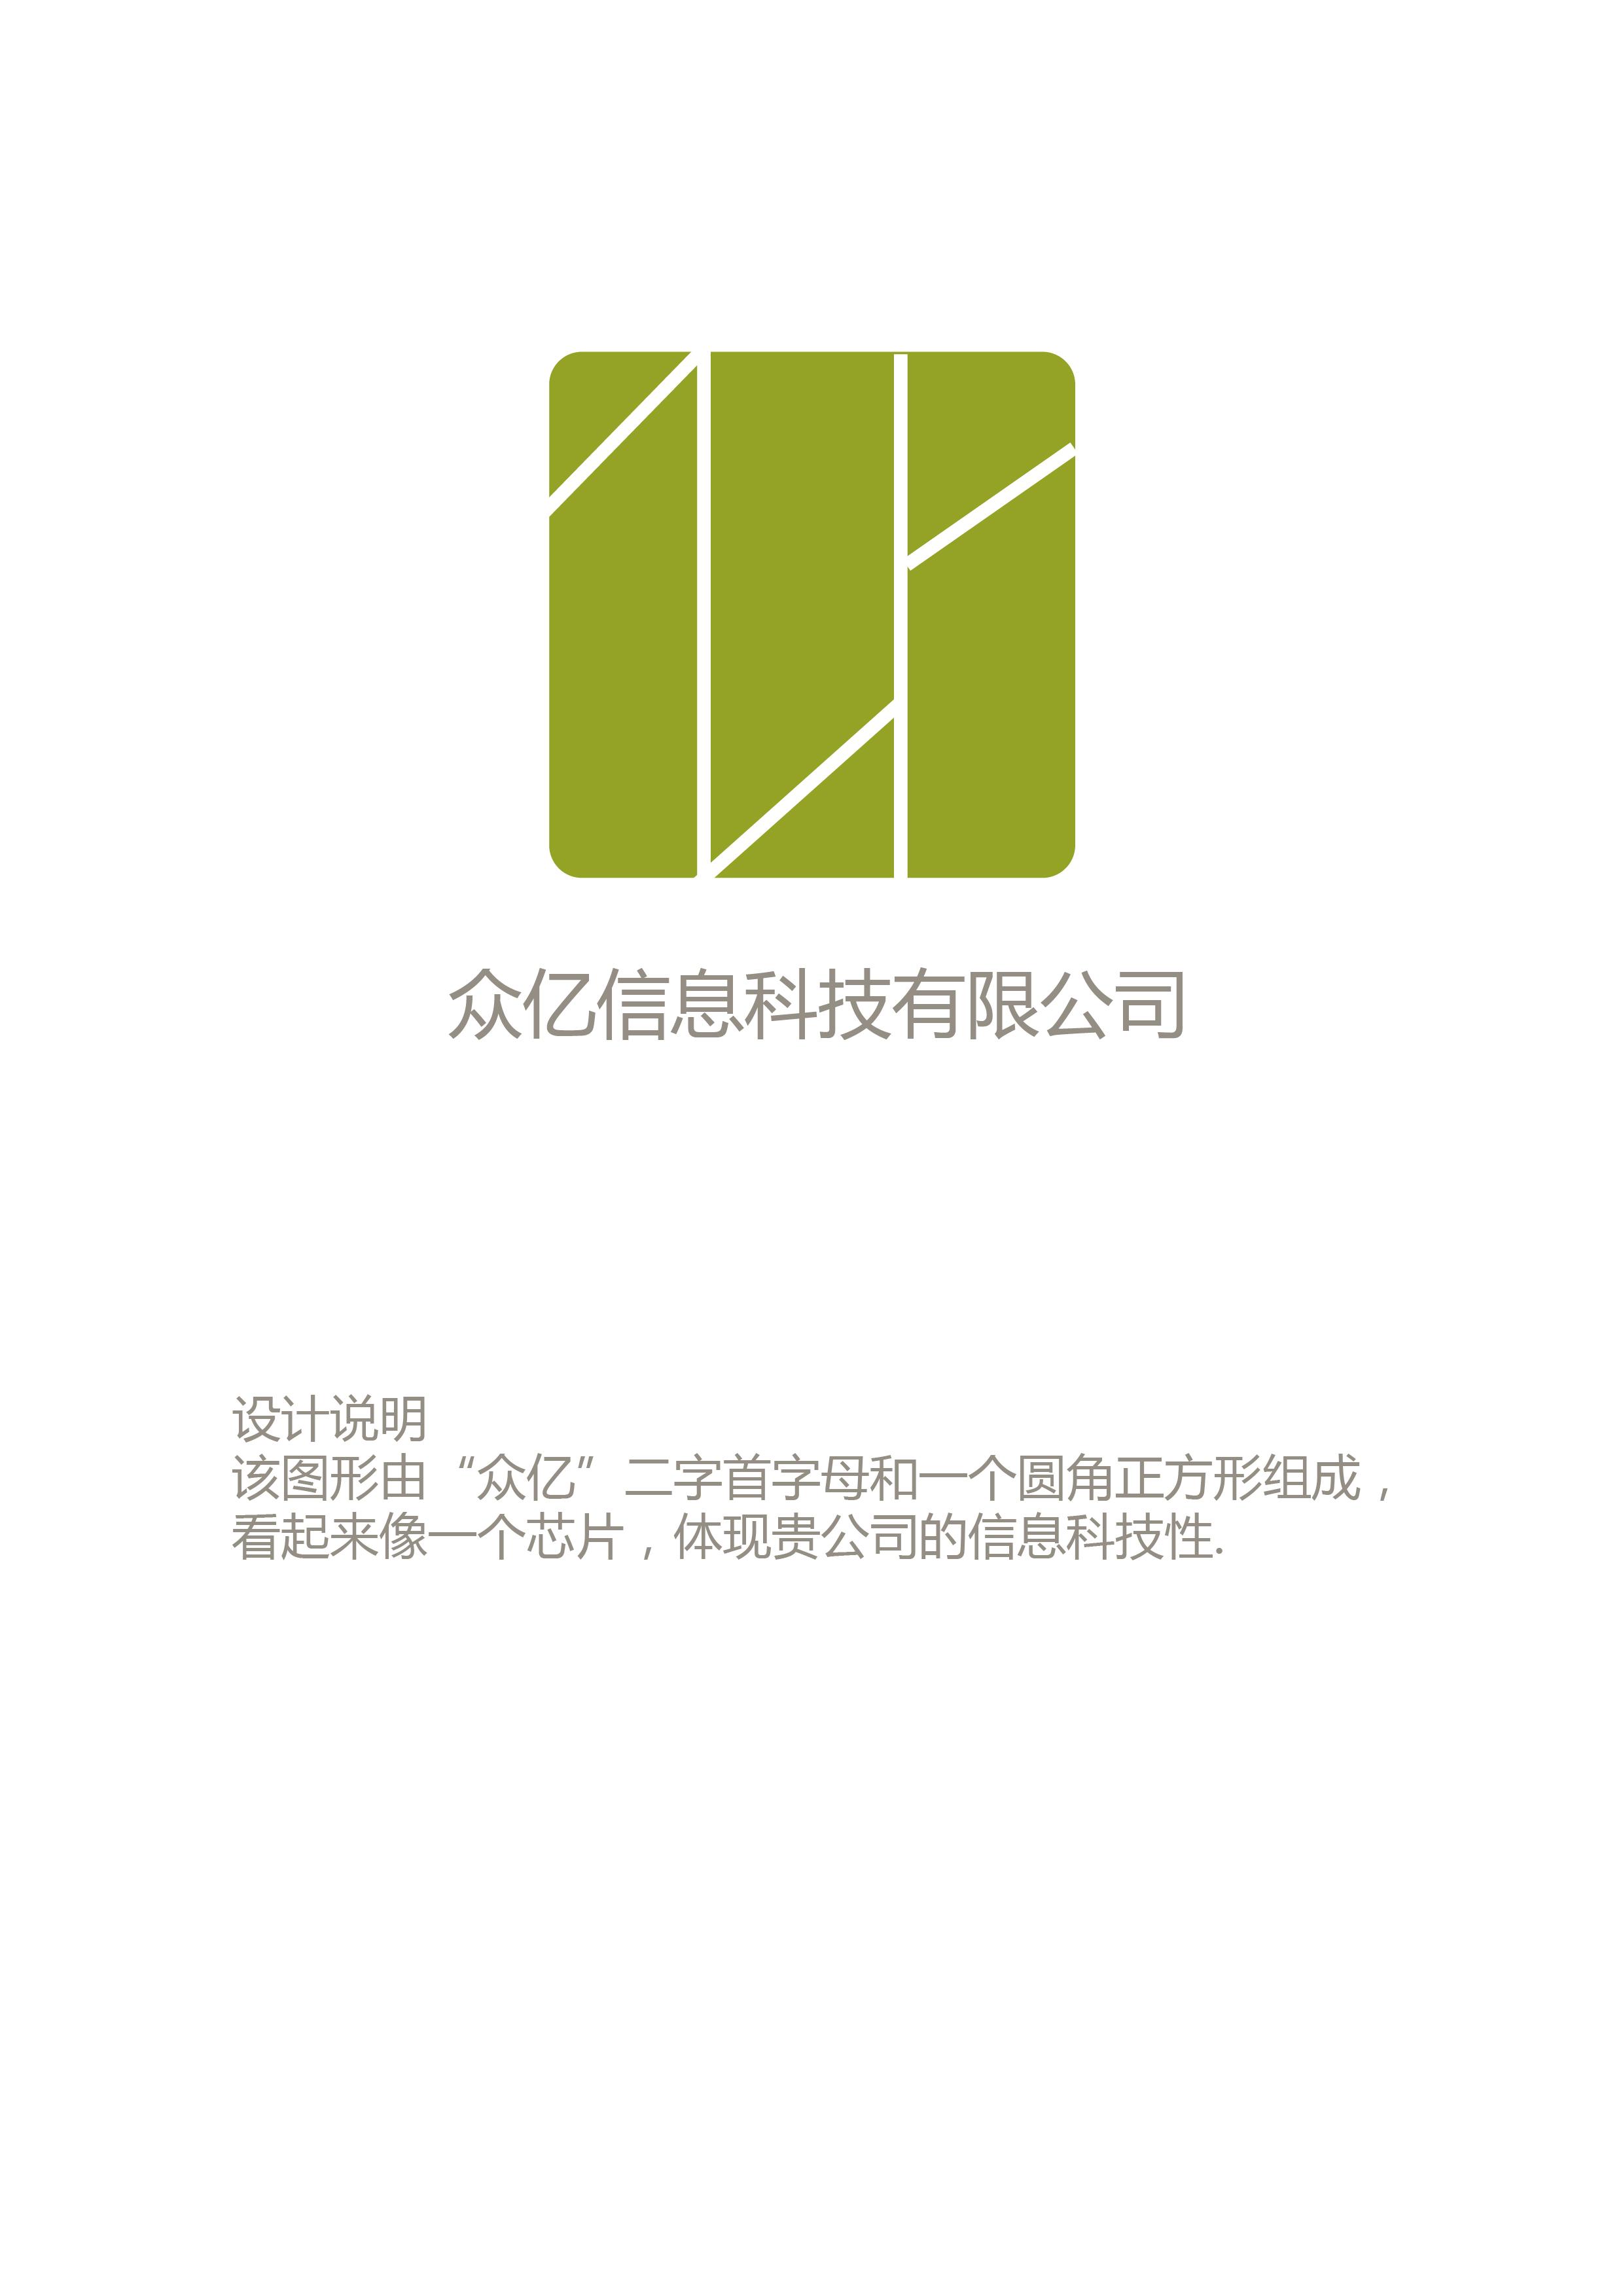 吉祥物以及微信服务号logo设计